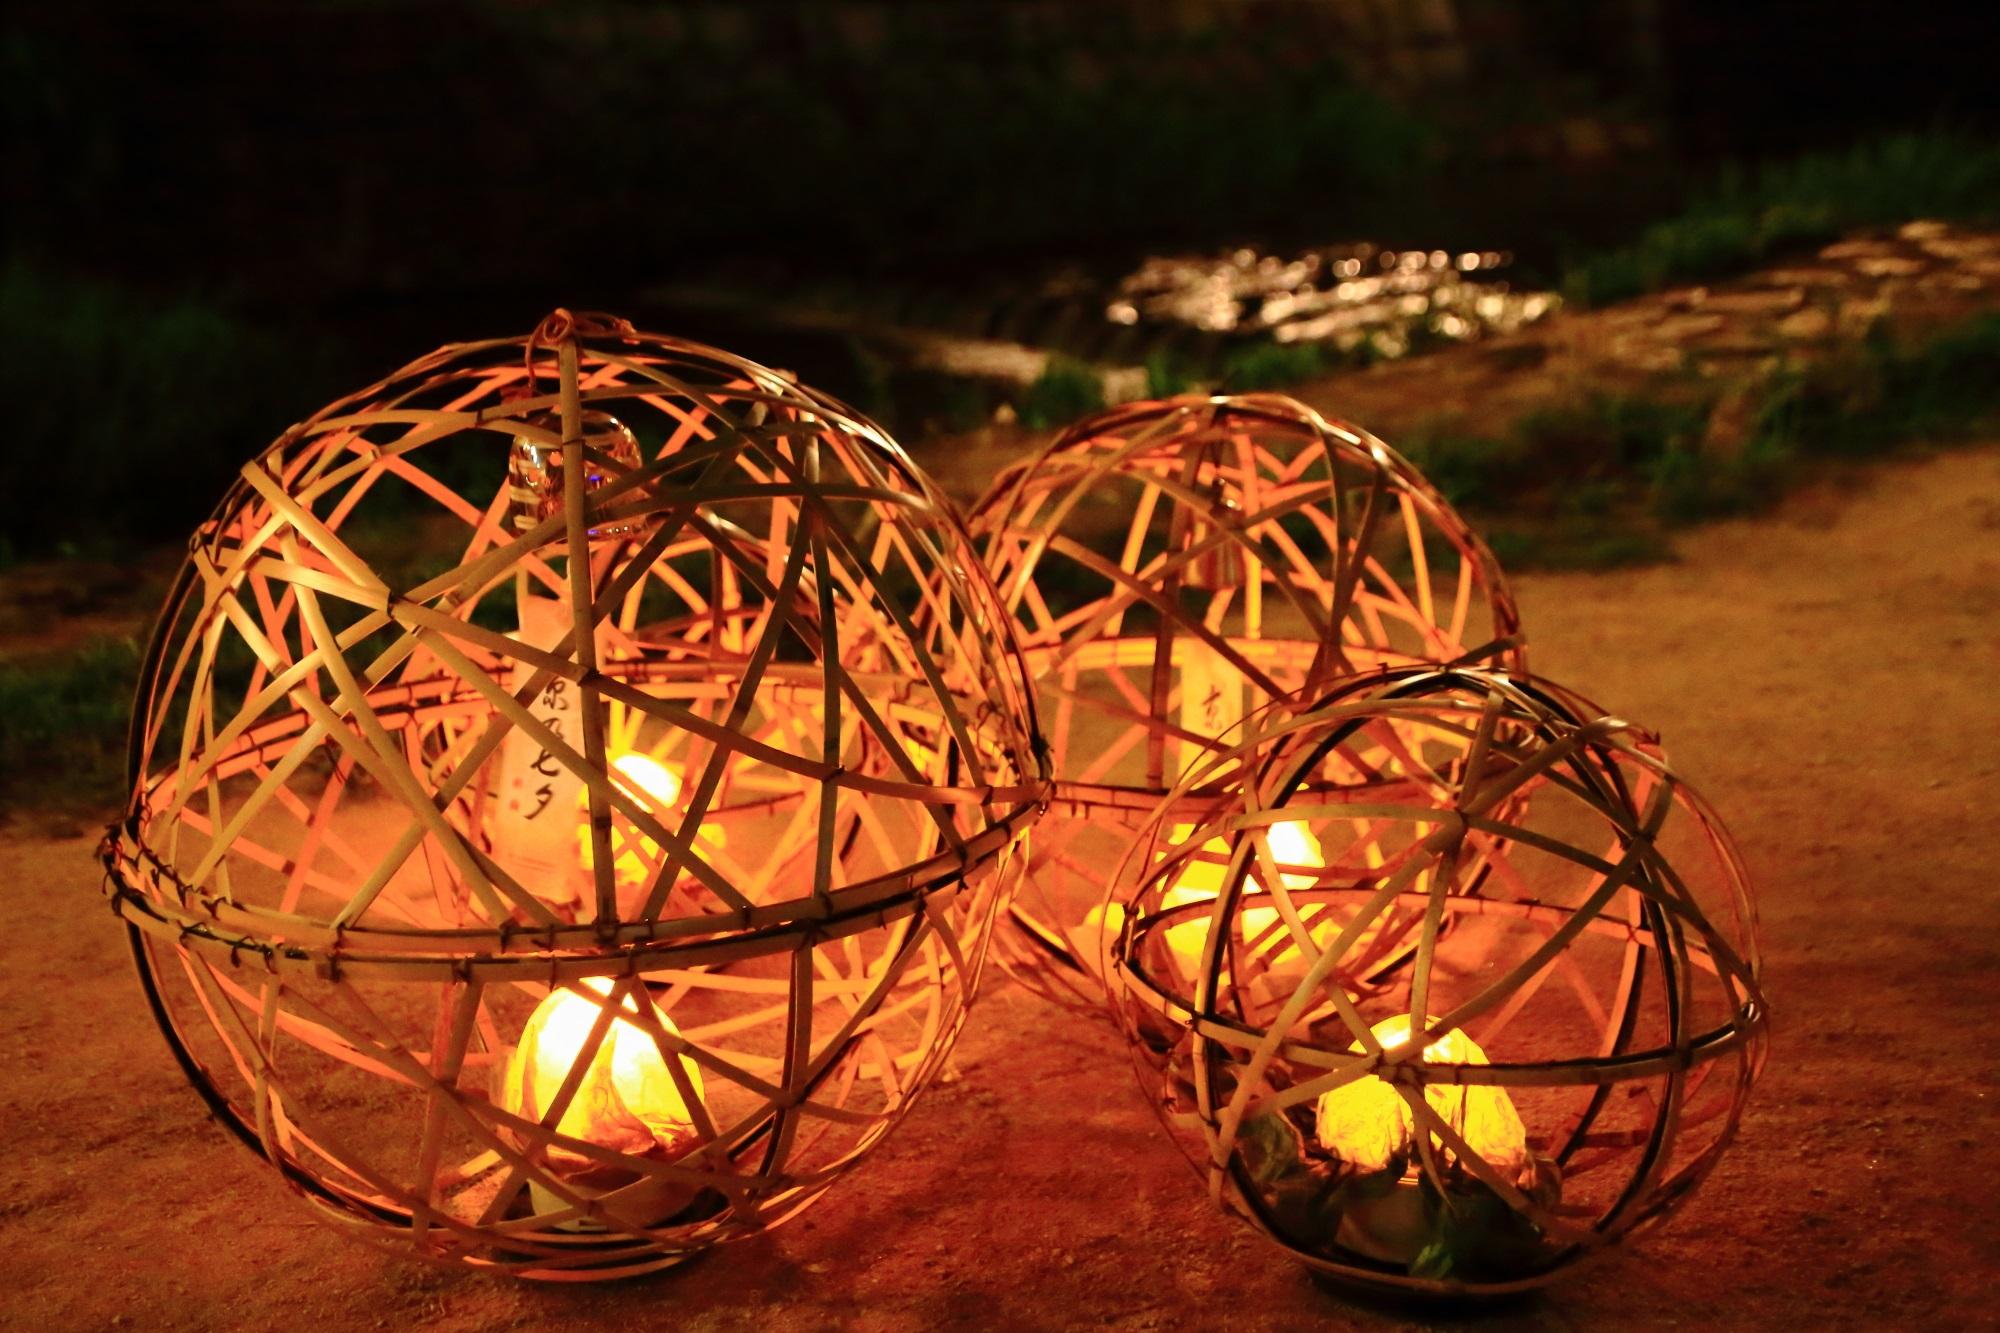 京の七夕鴨川会場の風情ある風鈴灯